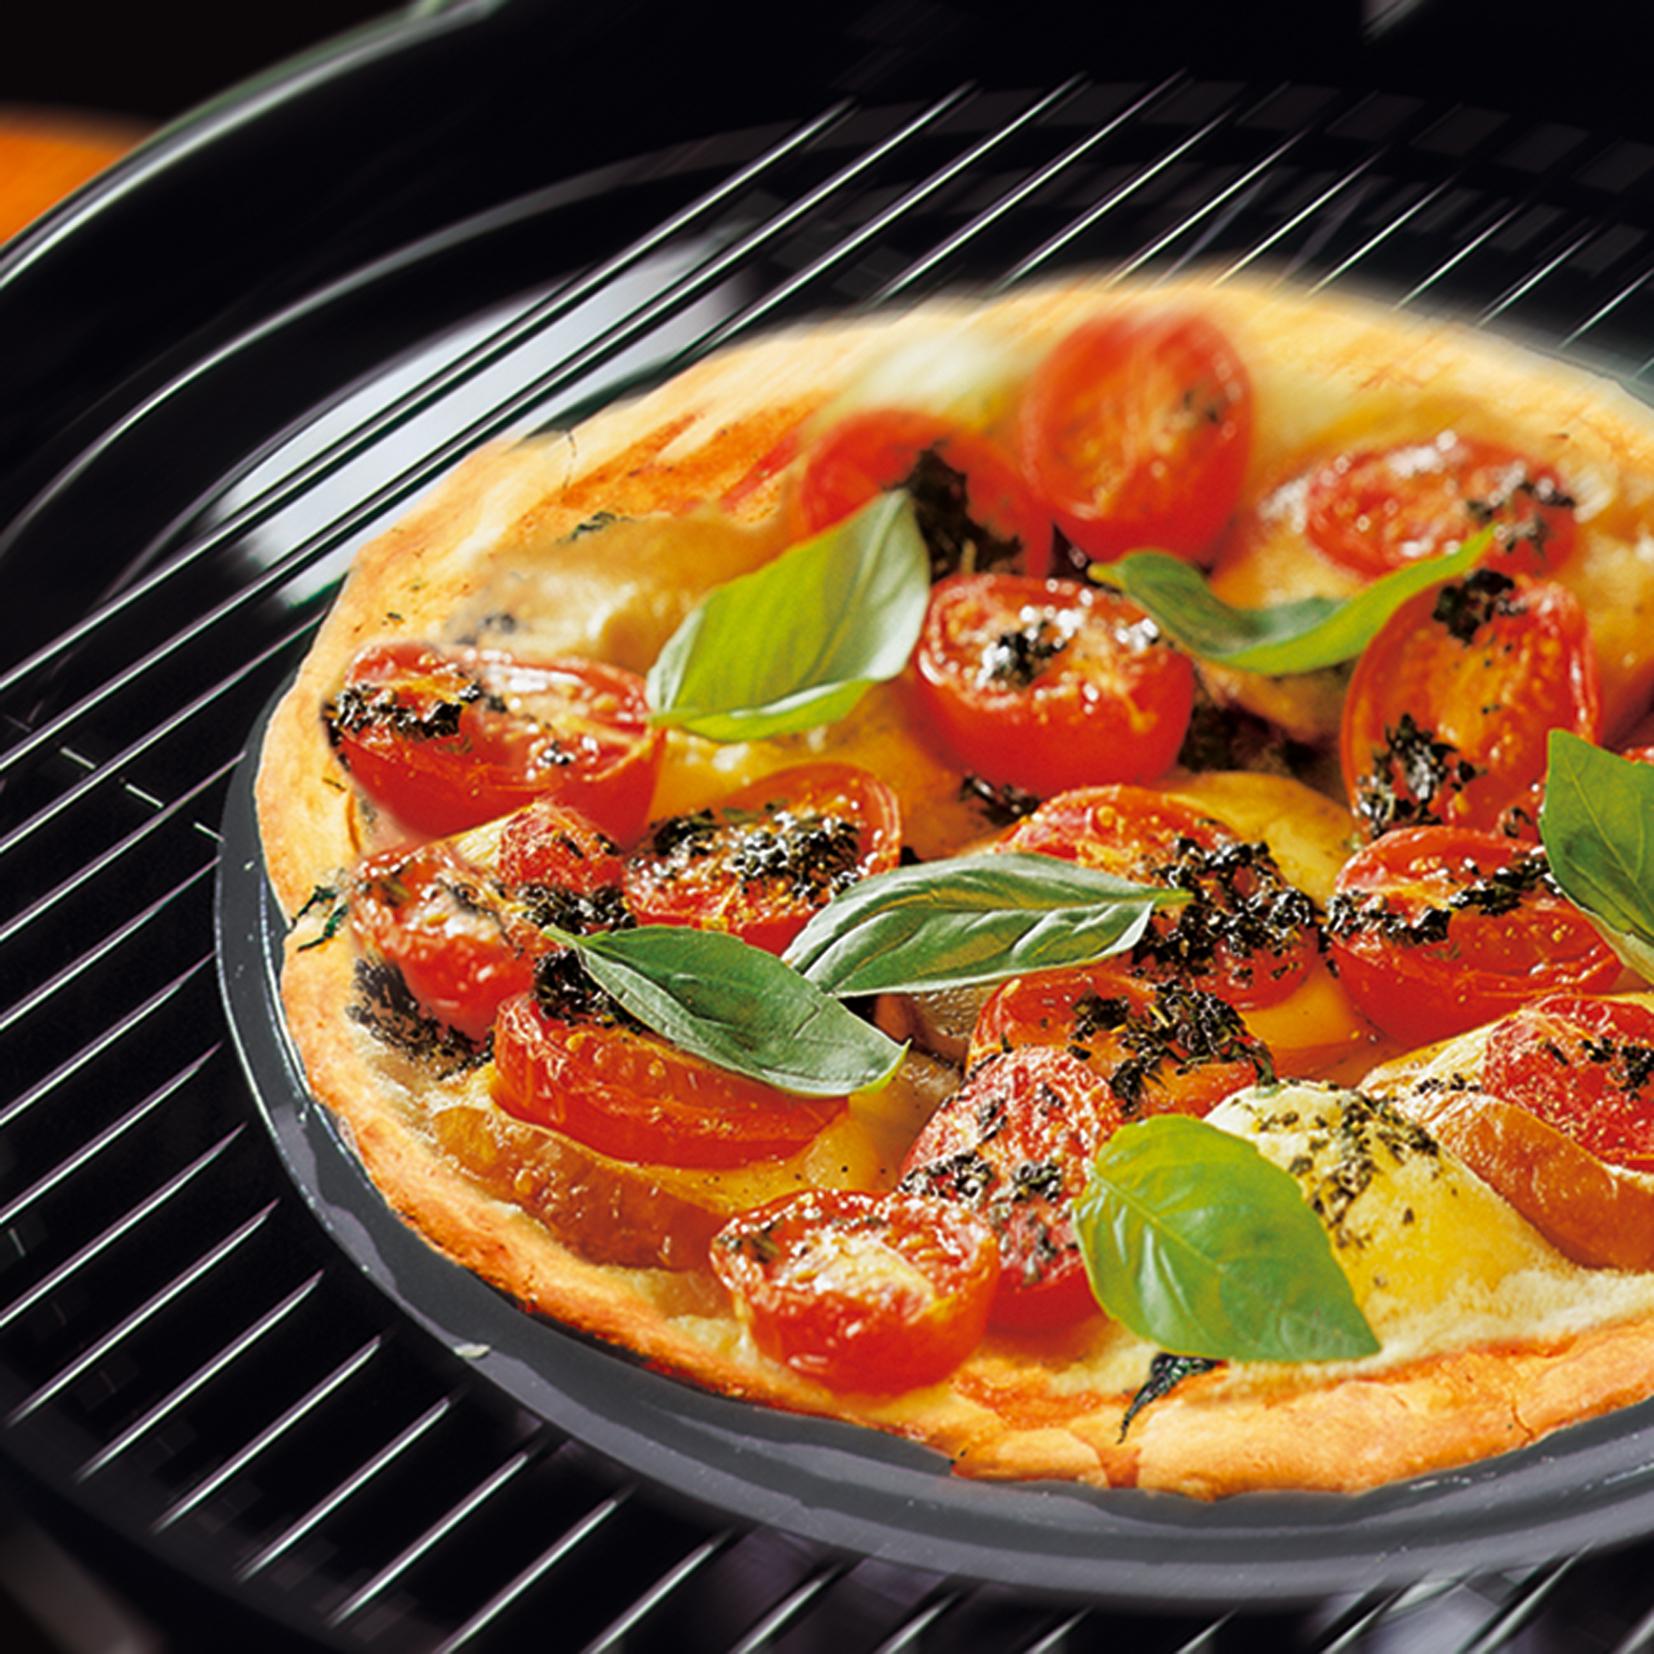 Outdoorchef Pizza Und Zubehör Zubehoer Praktische Gartenkuche